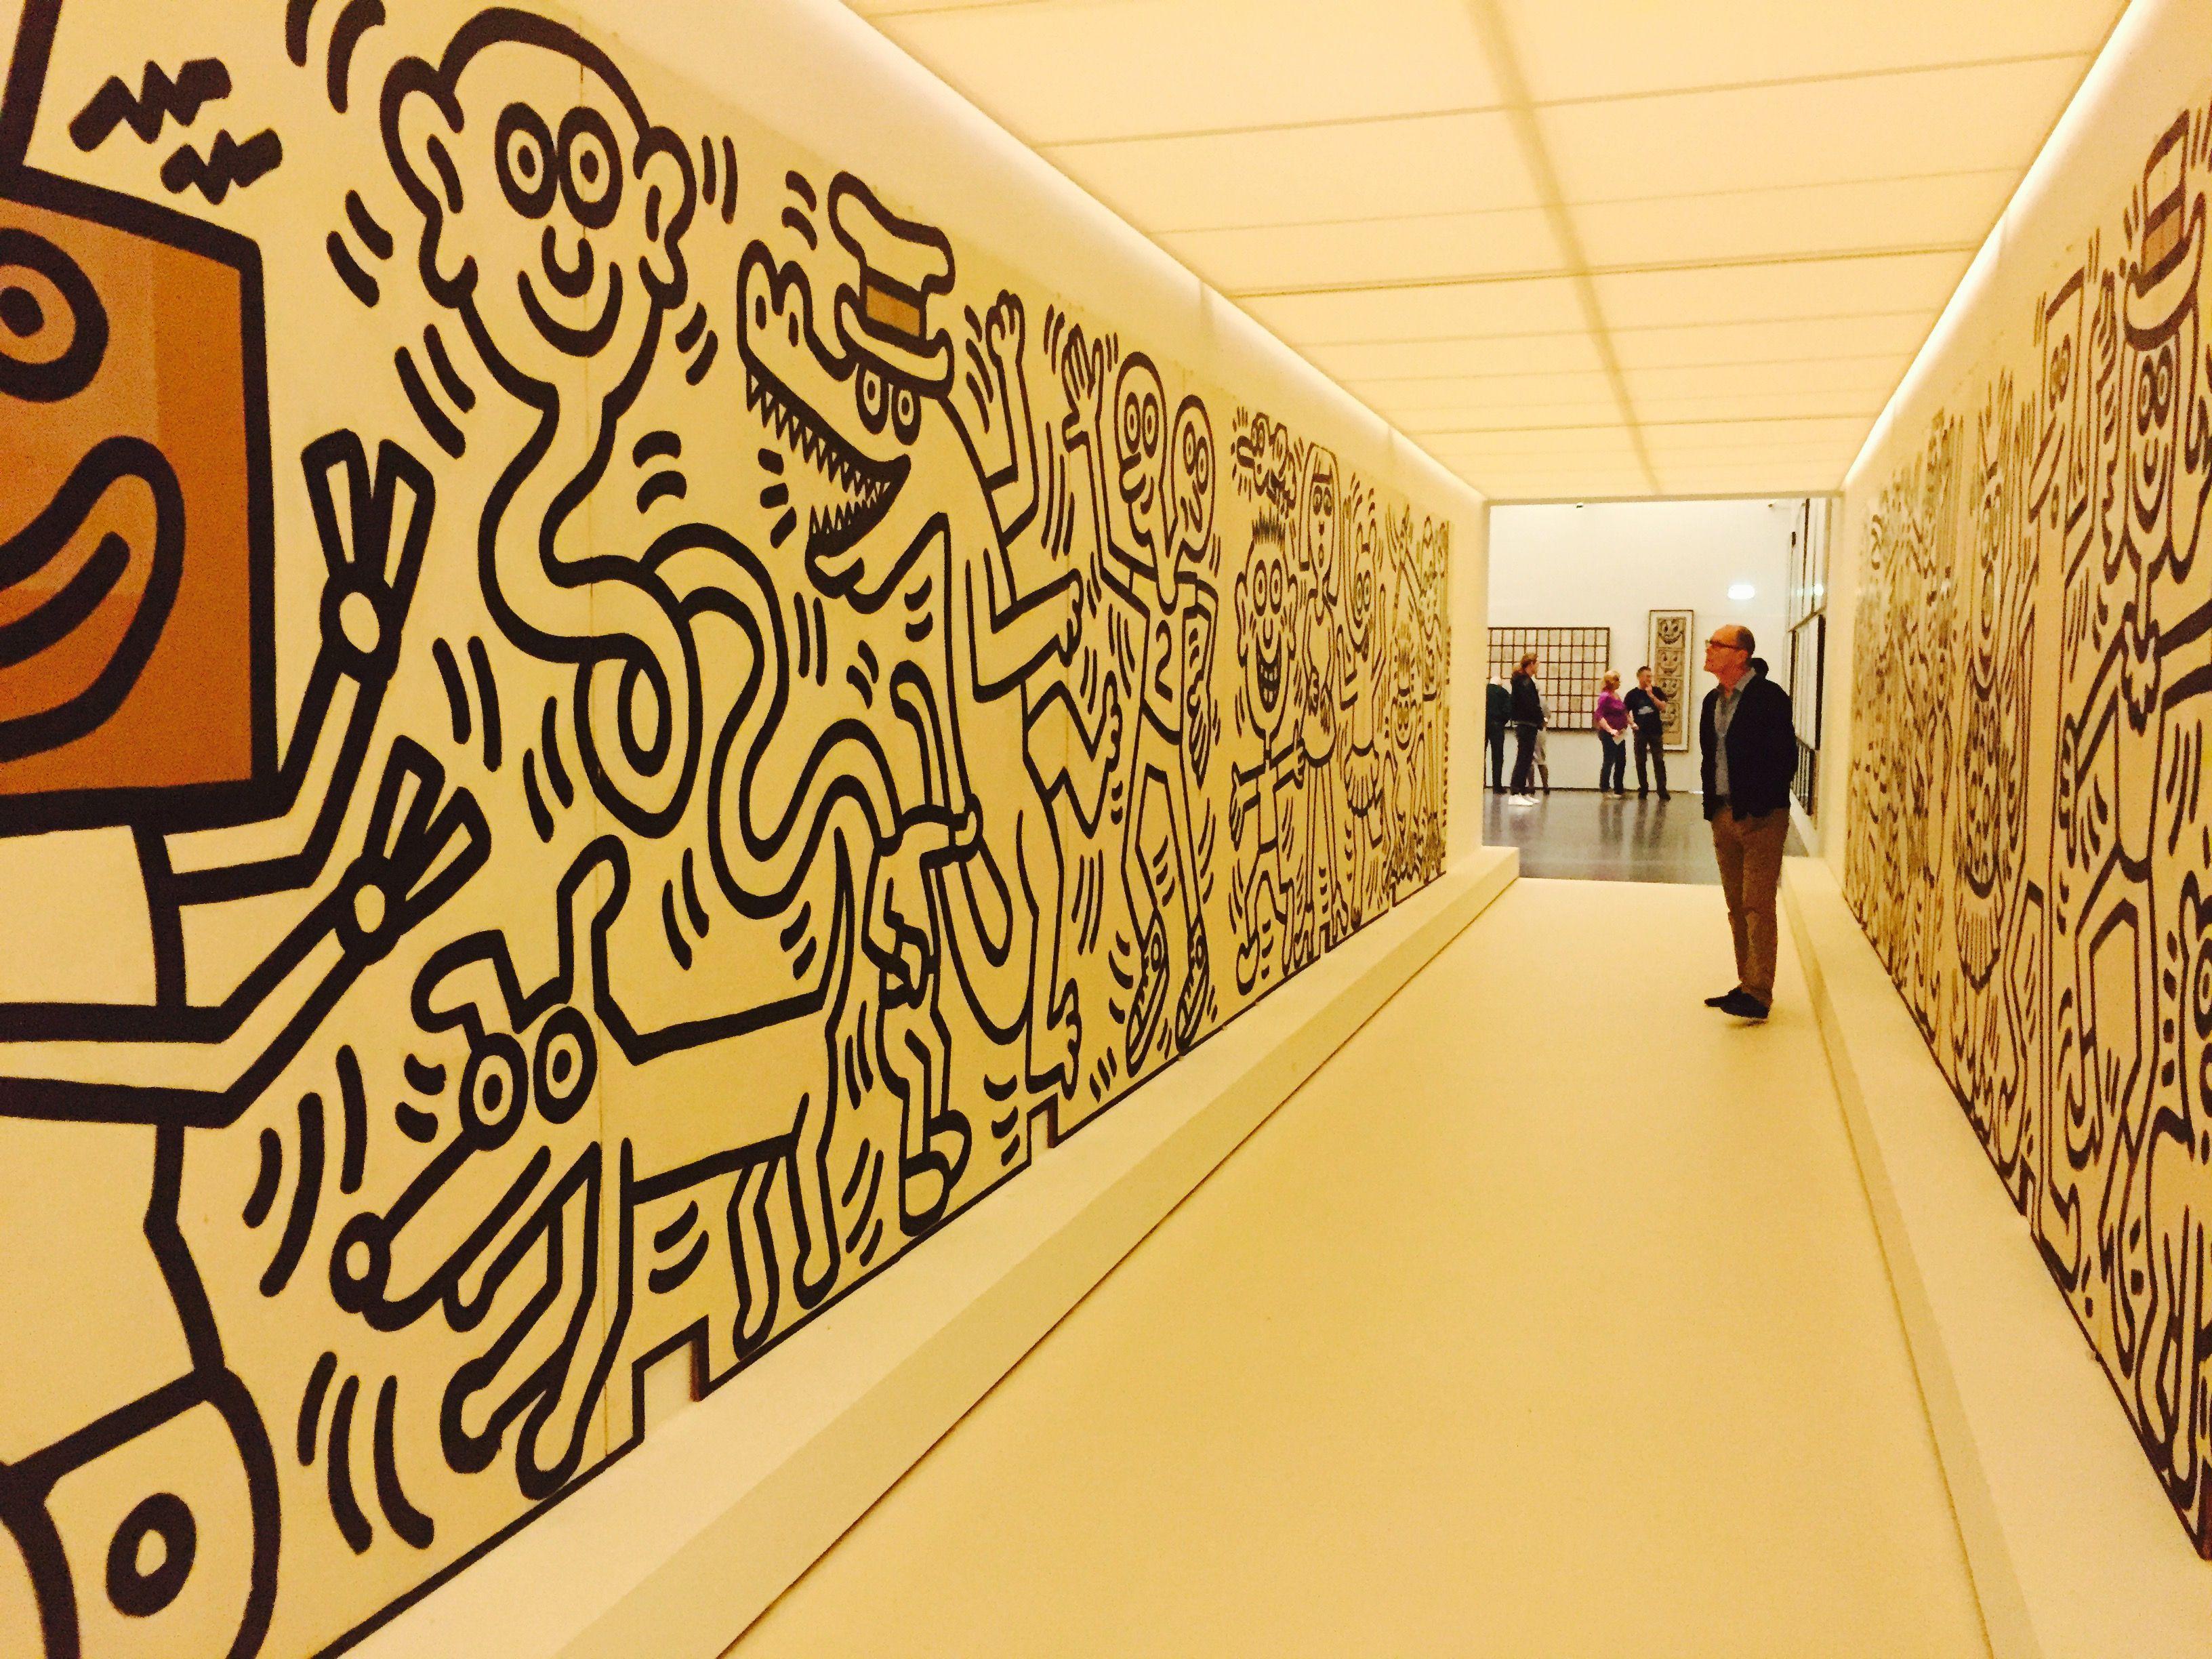 Keith Haring - Kunsthal Rotterdam   Keith Haring   Pinterest   Keith ...